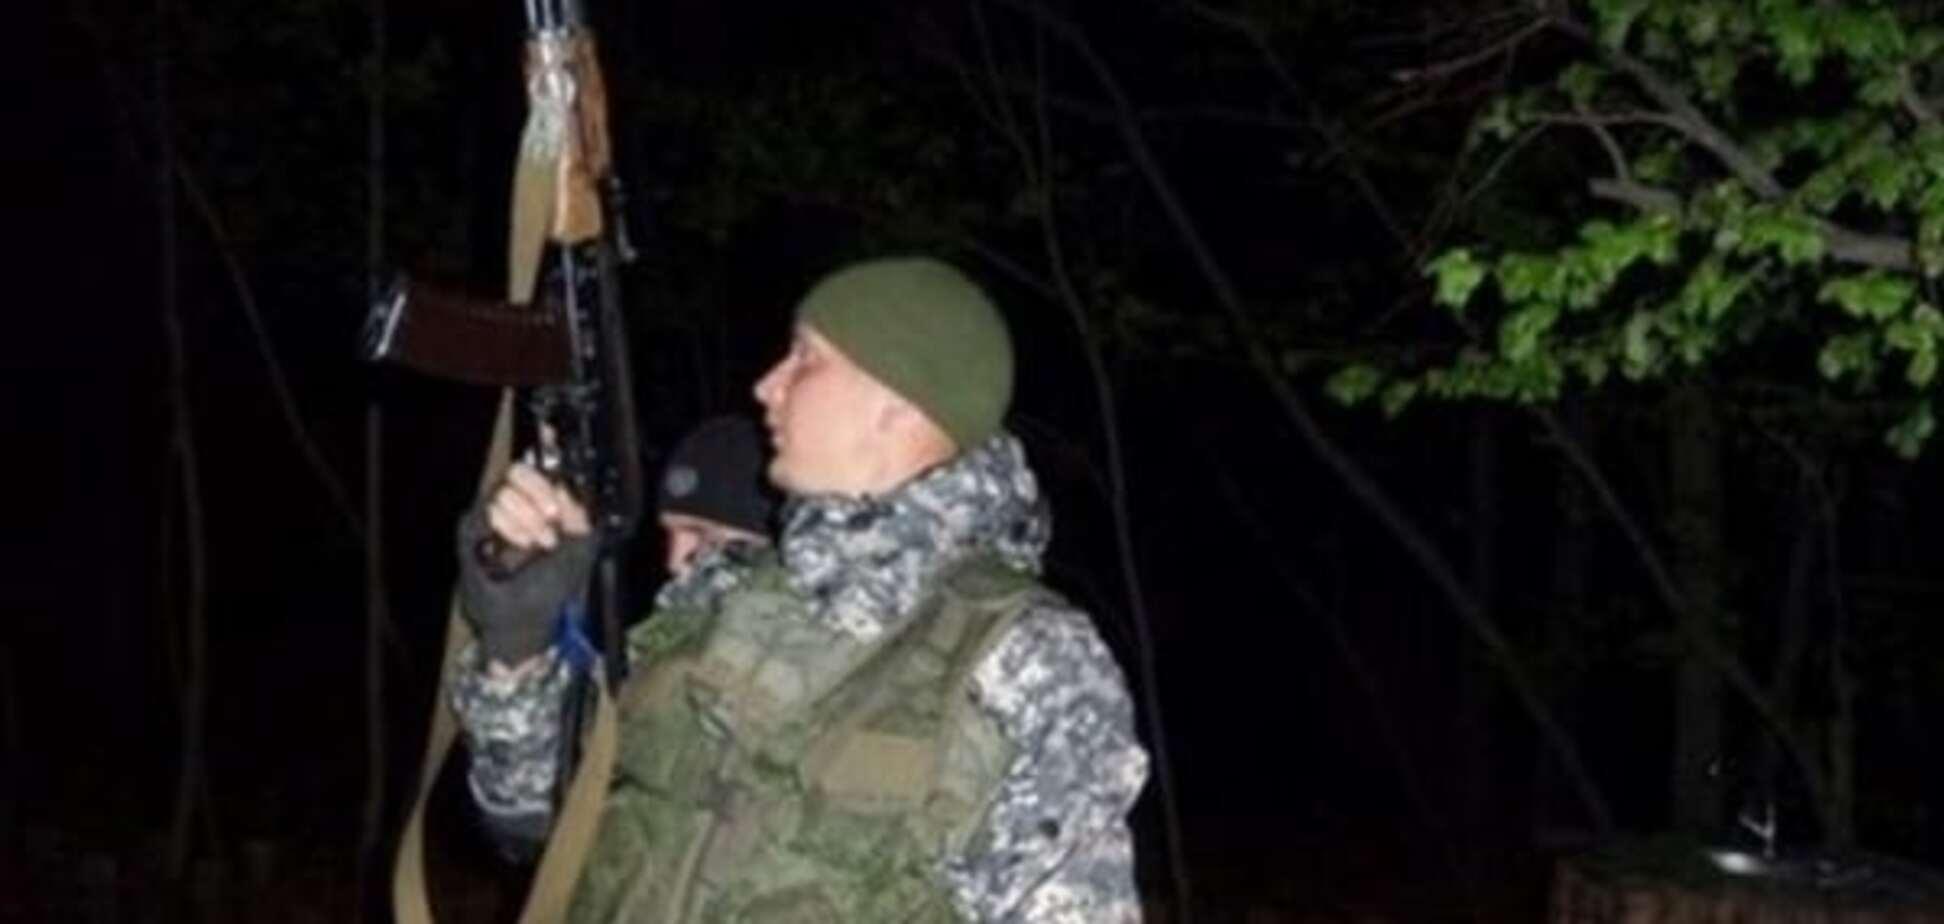 Российский контрактник похвастался 'отпуском' на войну в Украине: опубликованы фото